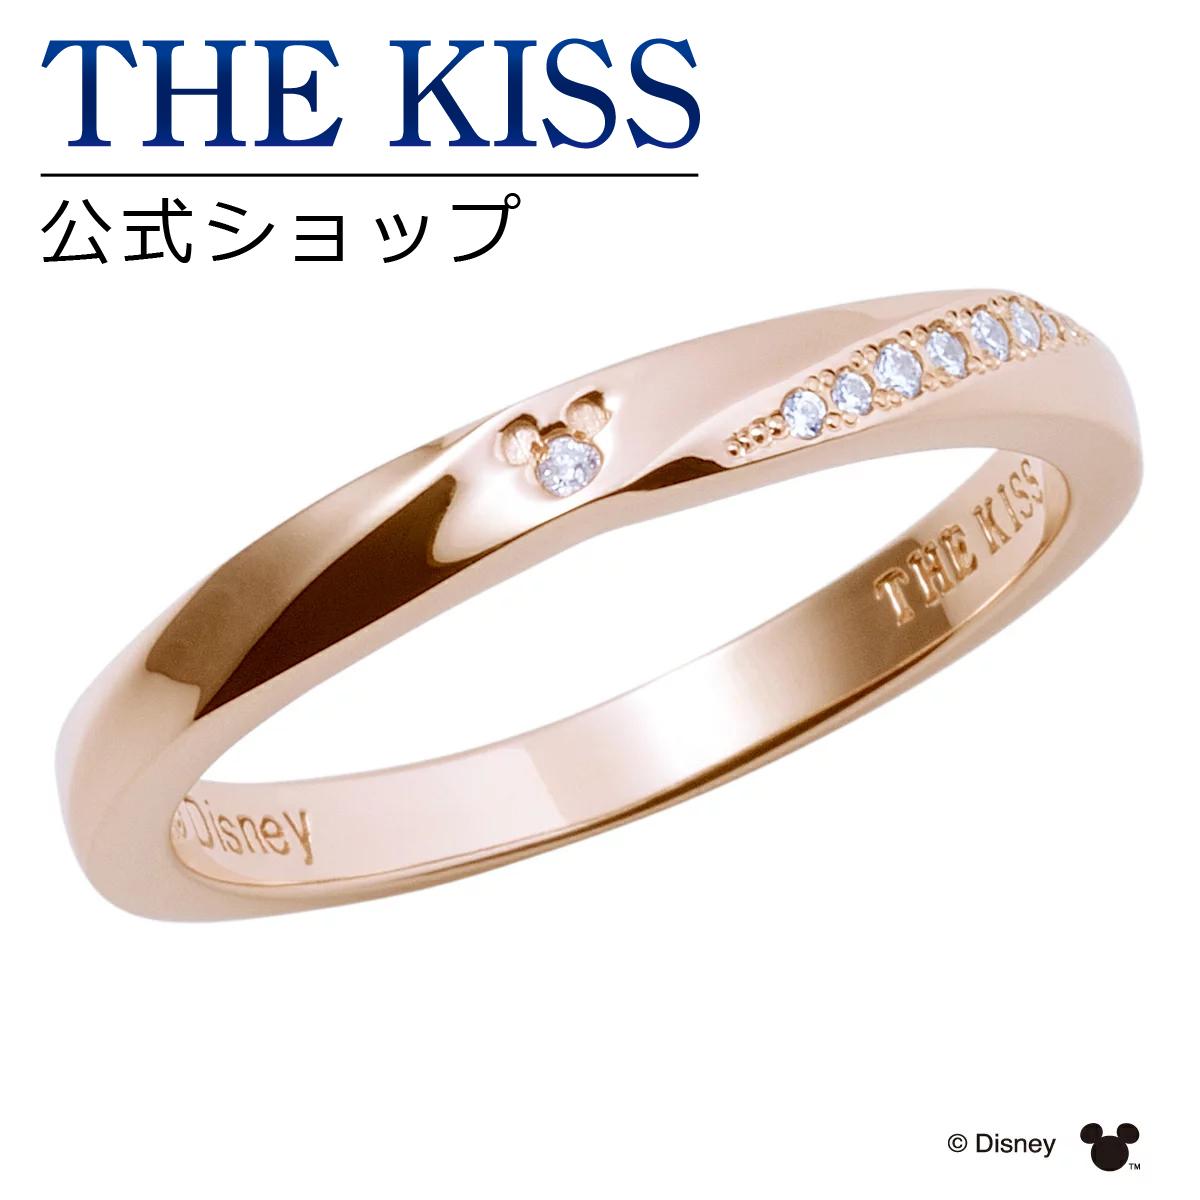 【あす楽対応】【ディズニーコレクション】 ディズニー / ペアリング / 隠れミッキーマウス / THE KISS リング・指輪 シルバー (レディース 単品) DI-SR2406DM ザキス 【送料無料】